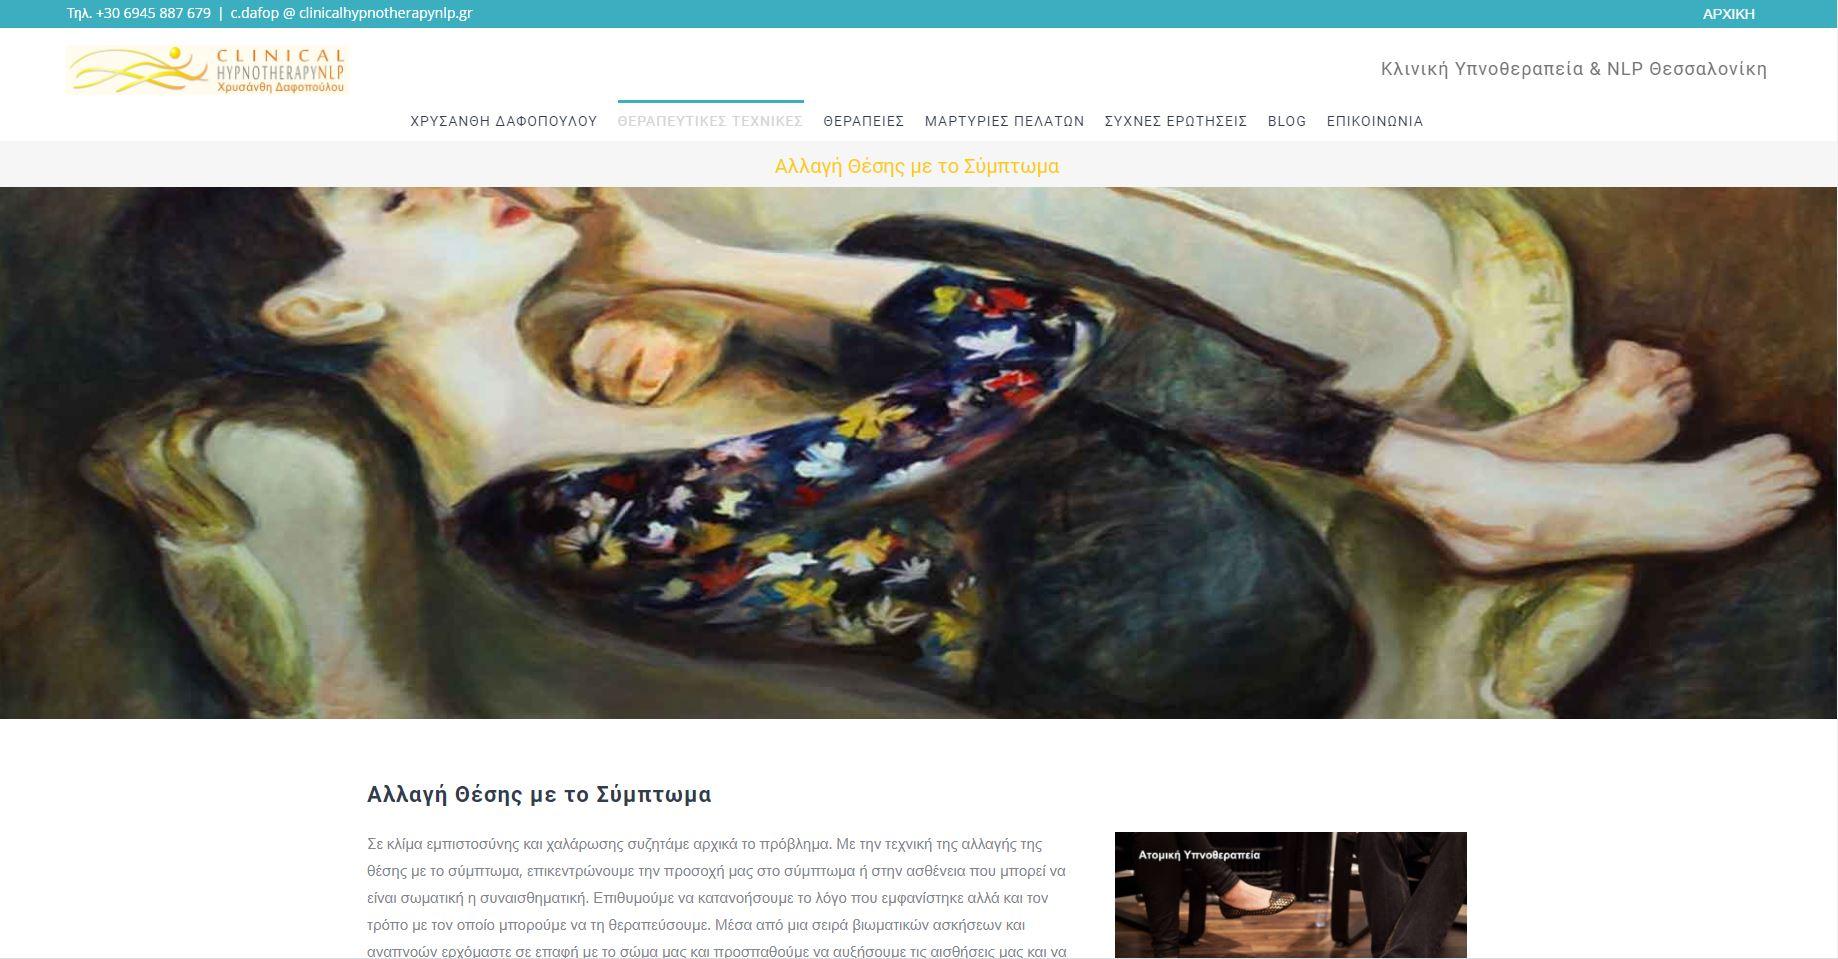 Κατασκευή ιστοσελίδας - design ιστοσελίδας 04